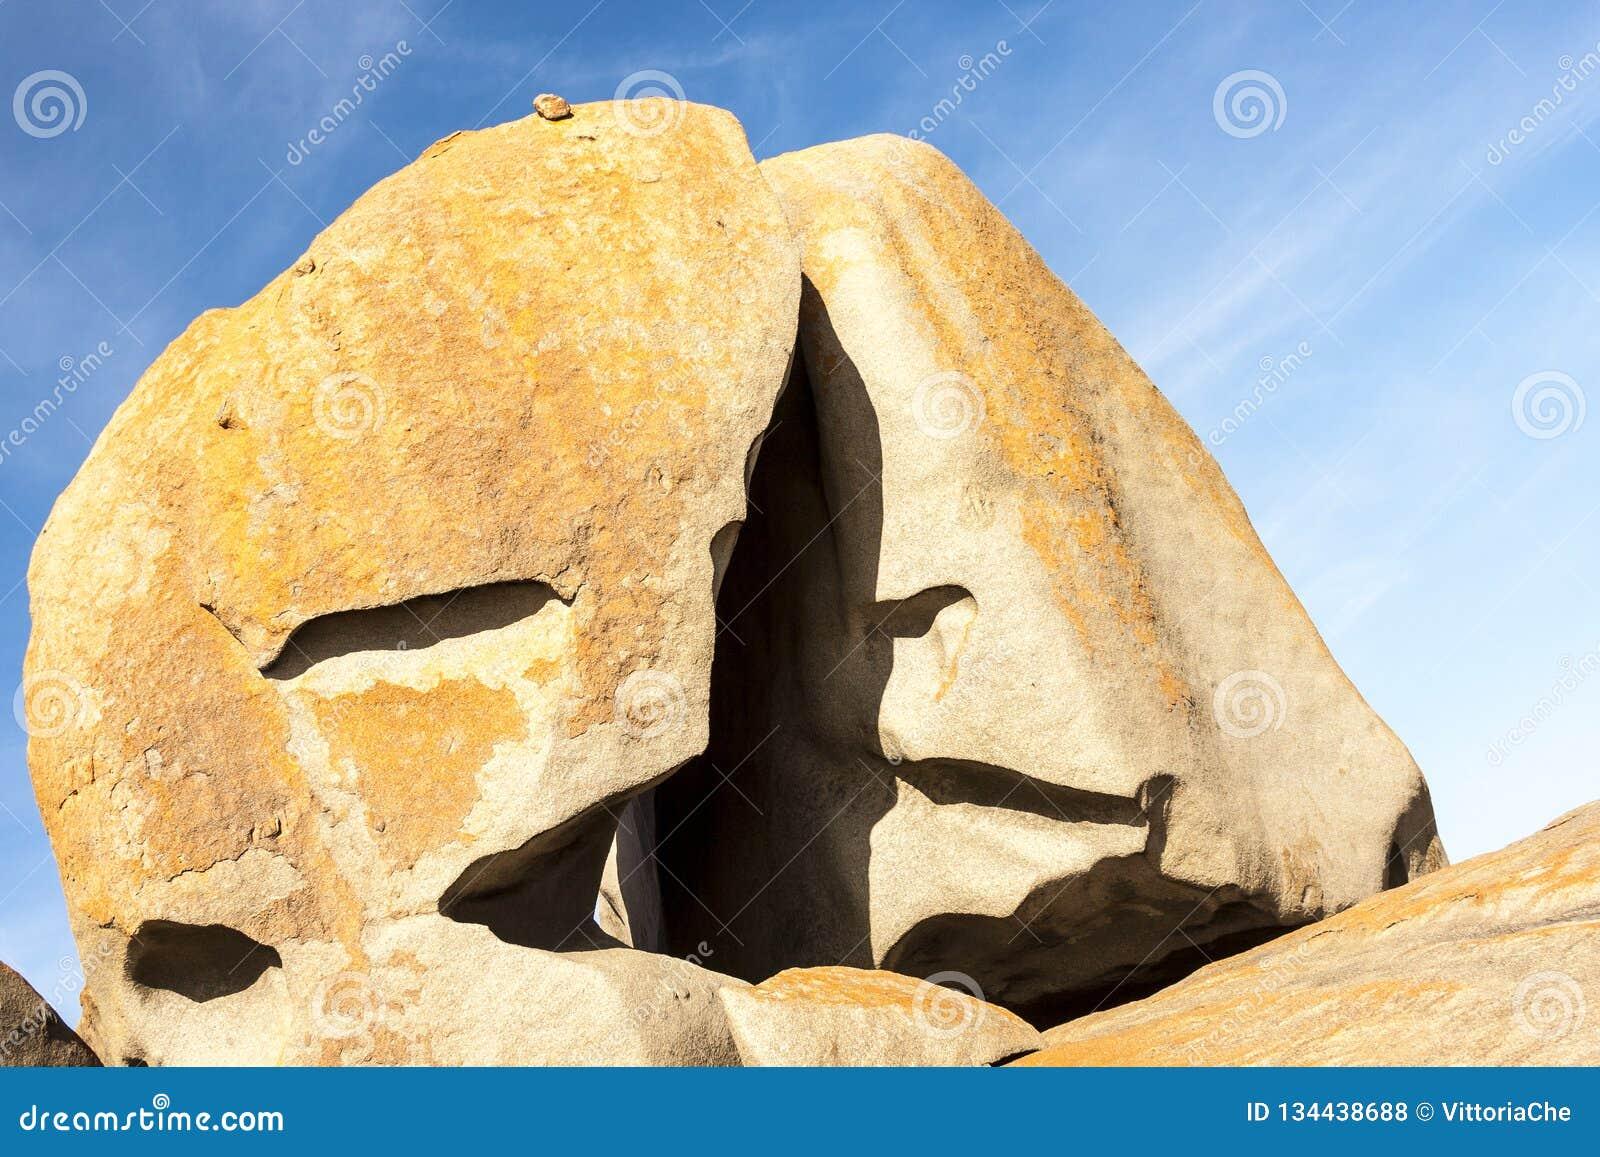 Roches remarquables, île de kangourou, parc national de la chasse de Flinder, Australie du sud